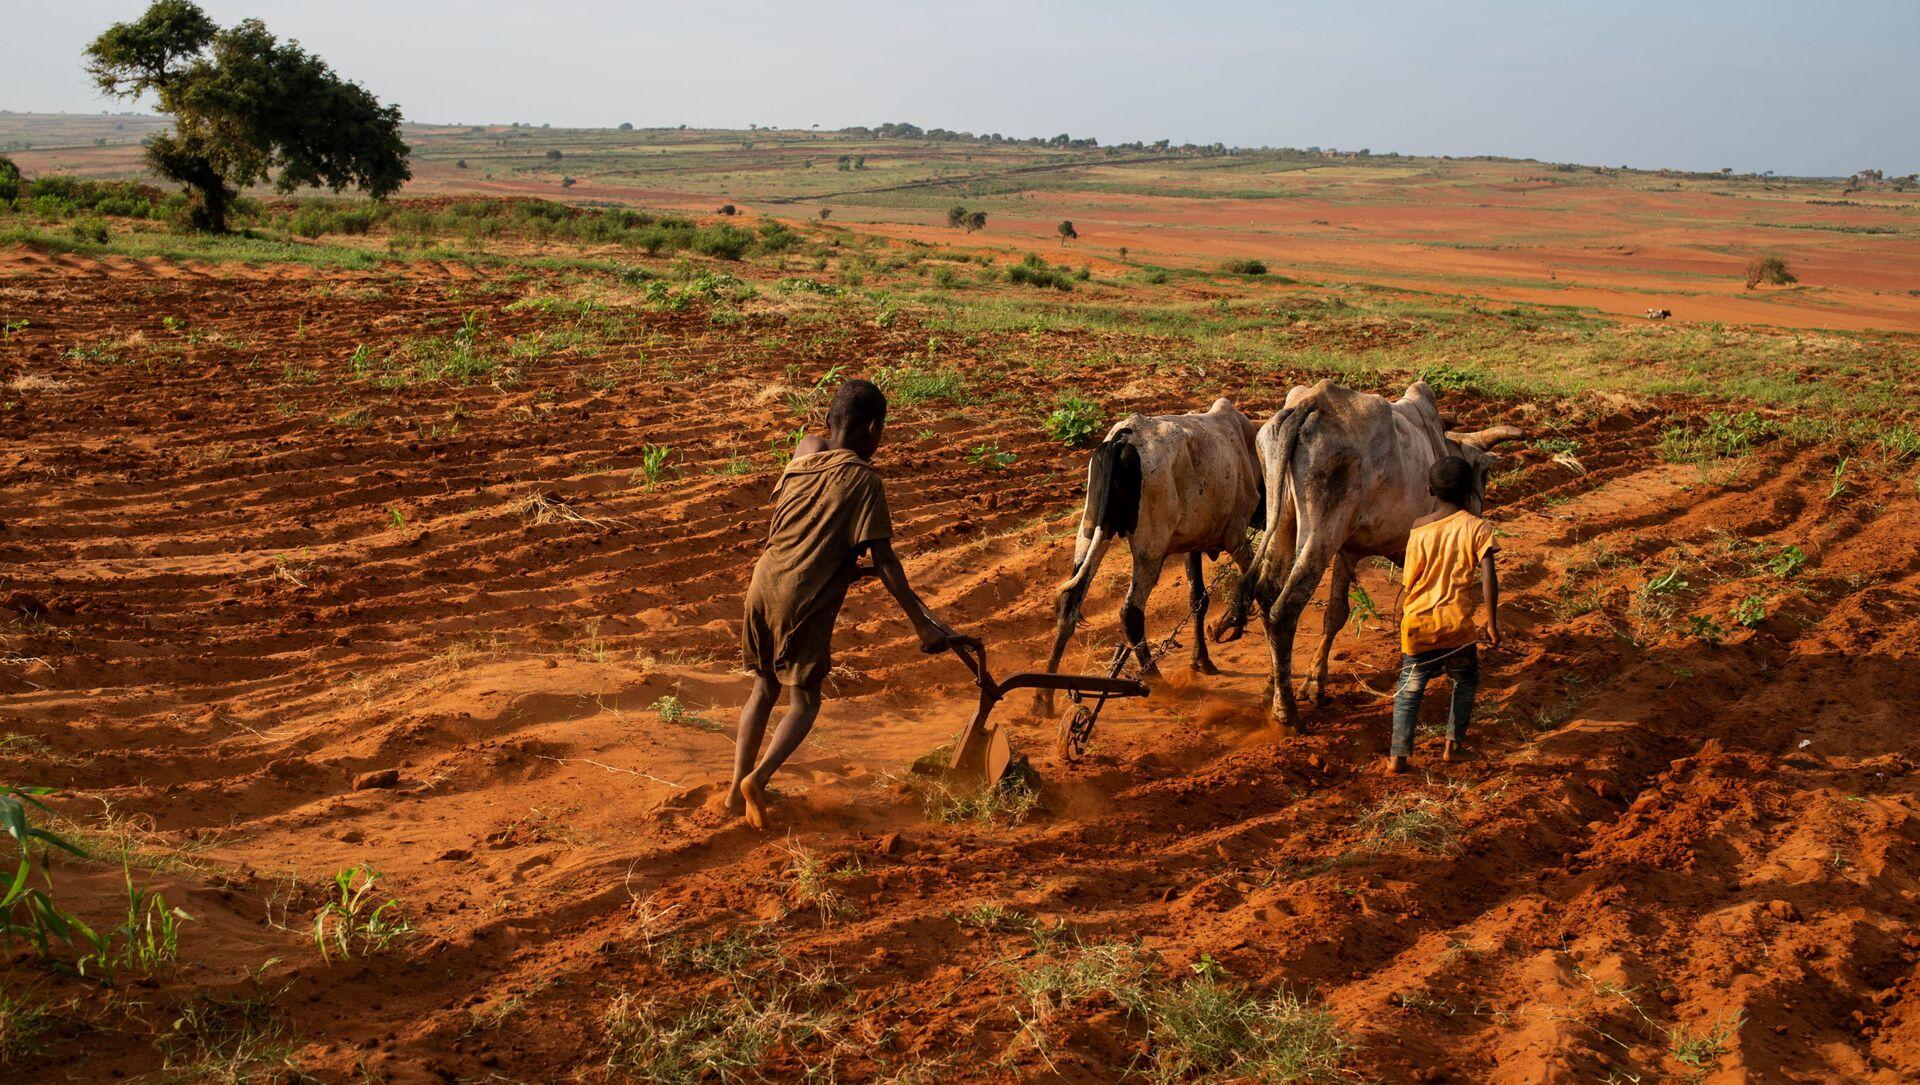 Des enfants tentent de labourer une plantation dans le Grand Sud de Betsimeda, Madagascar - Sputnik France, 1920, 30.06.2021